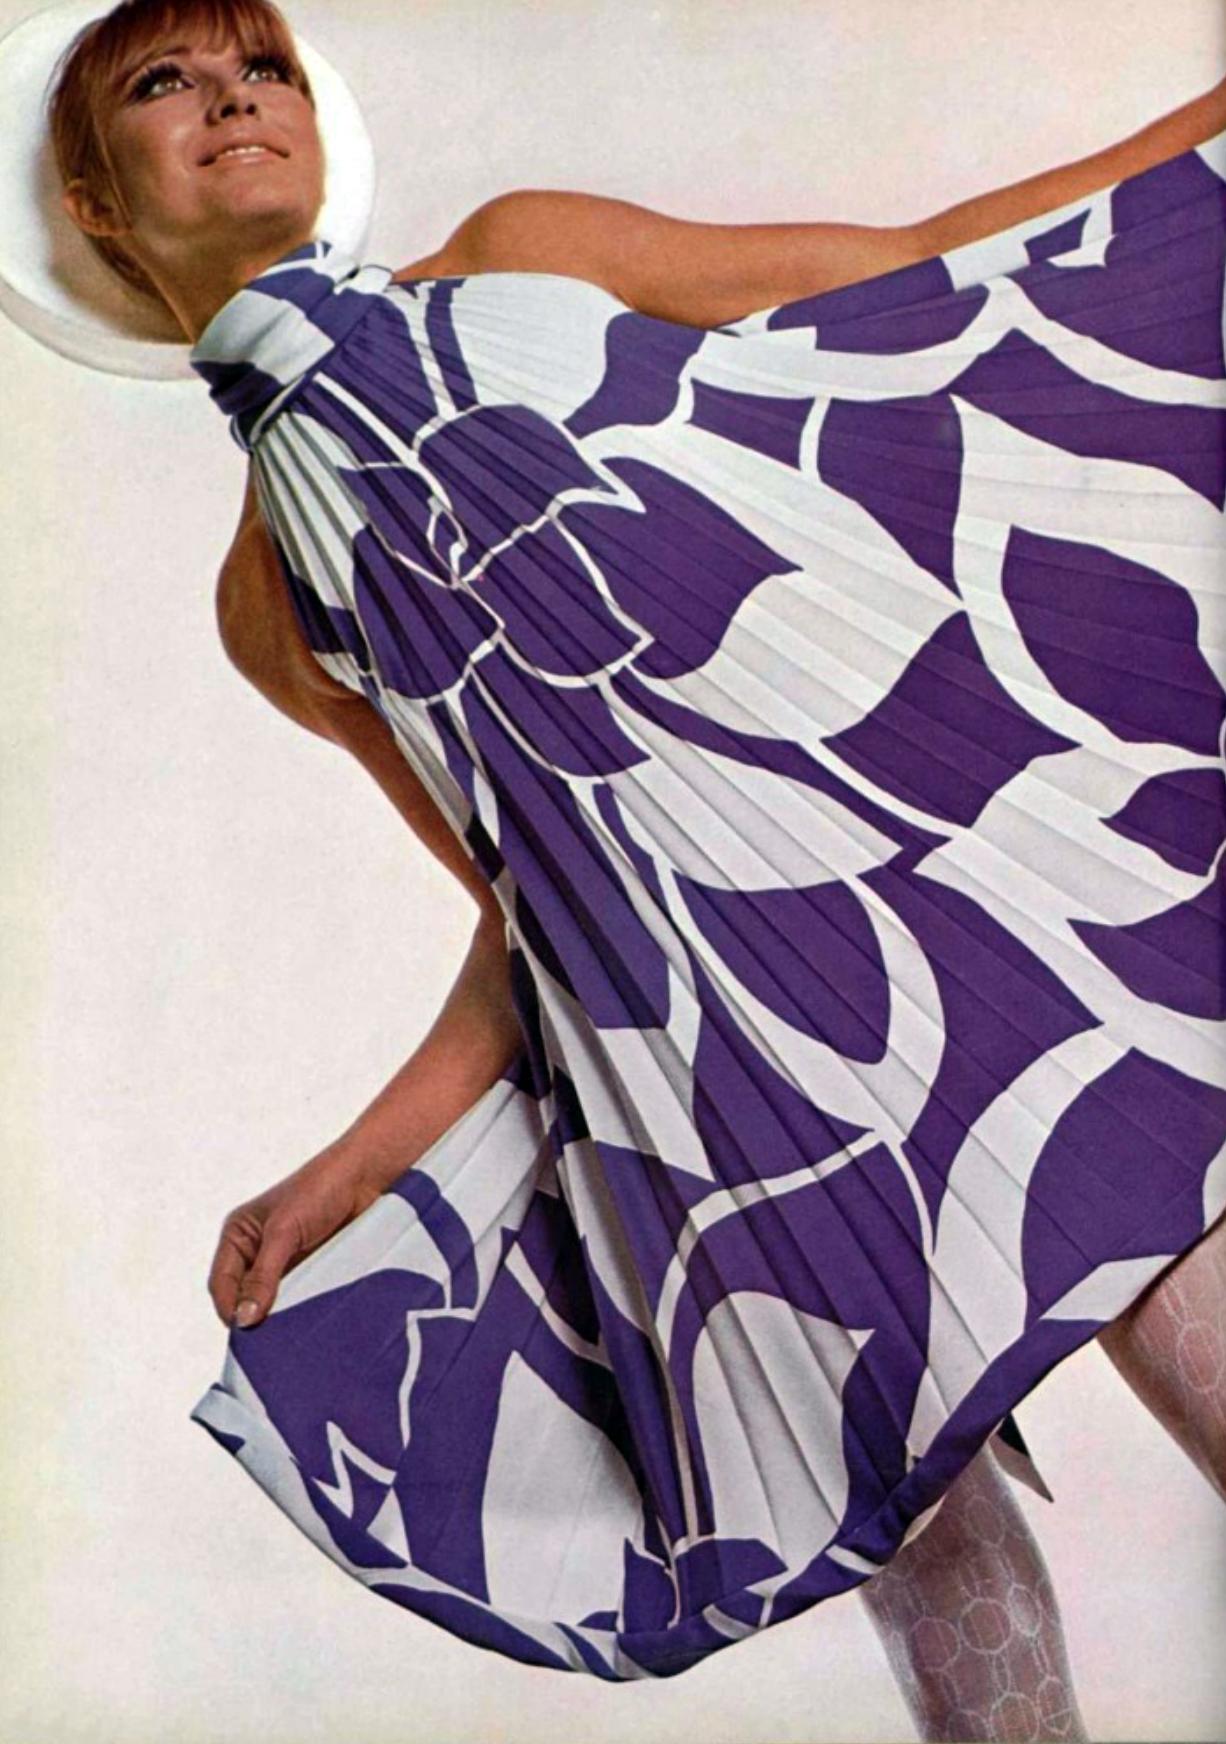 Pierre Cardin L'Officiel magazine 1967